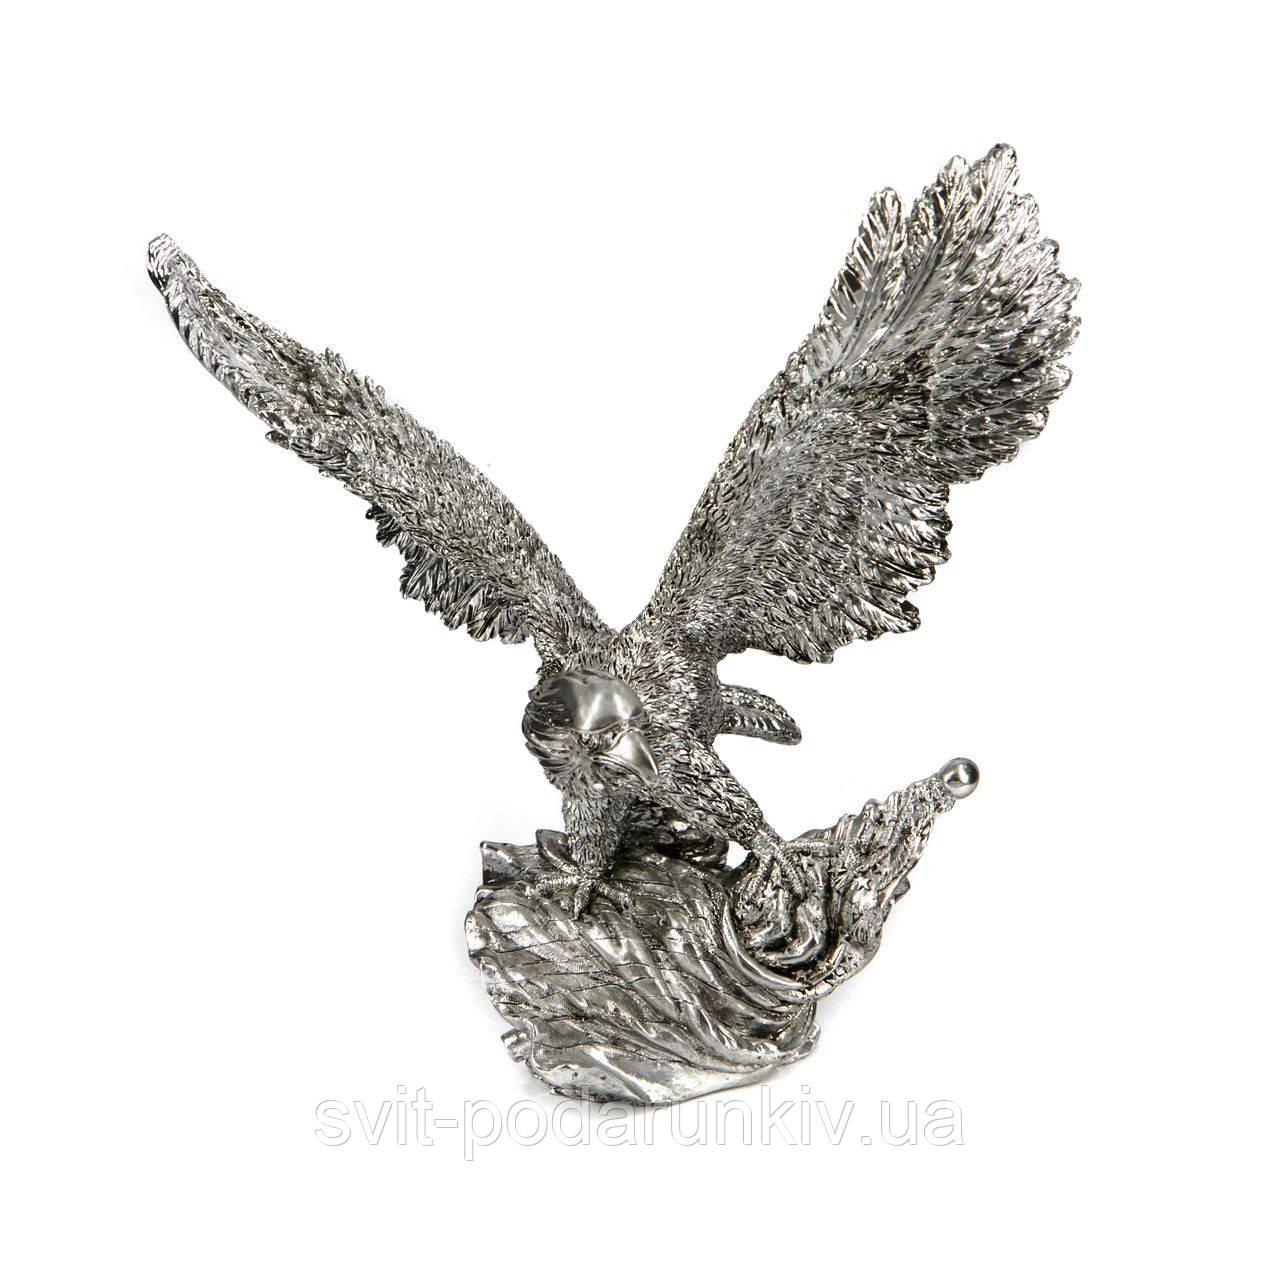 Статуэтка орел с расправленными крыльями PLS0201E-10